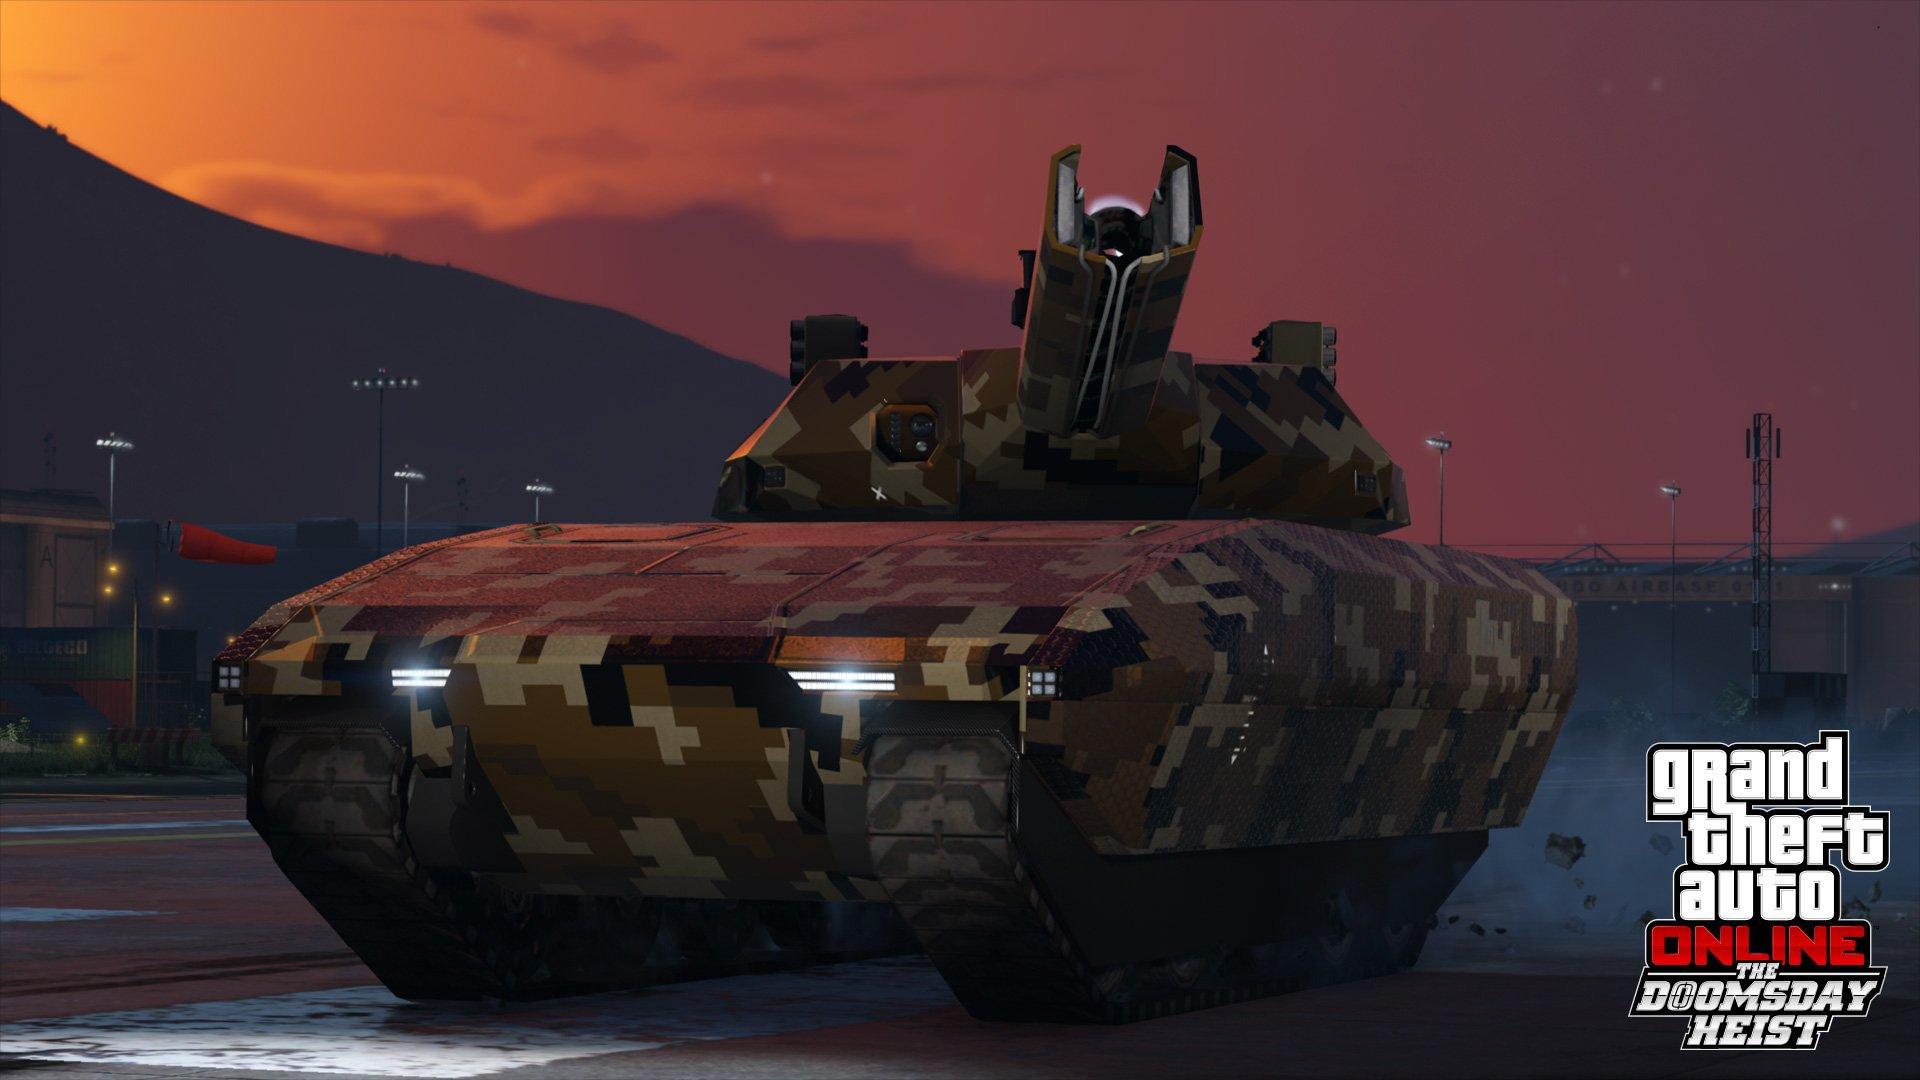 GTA Online - Doomsday Heist: 9 Tipps und Geheimnisse, die